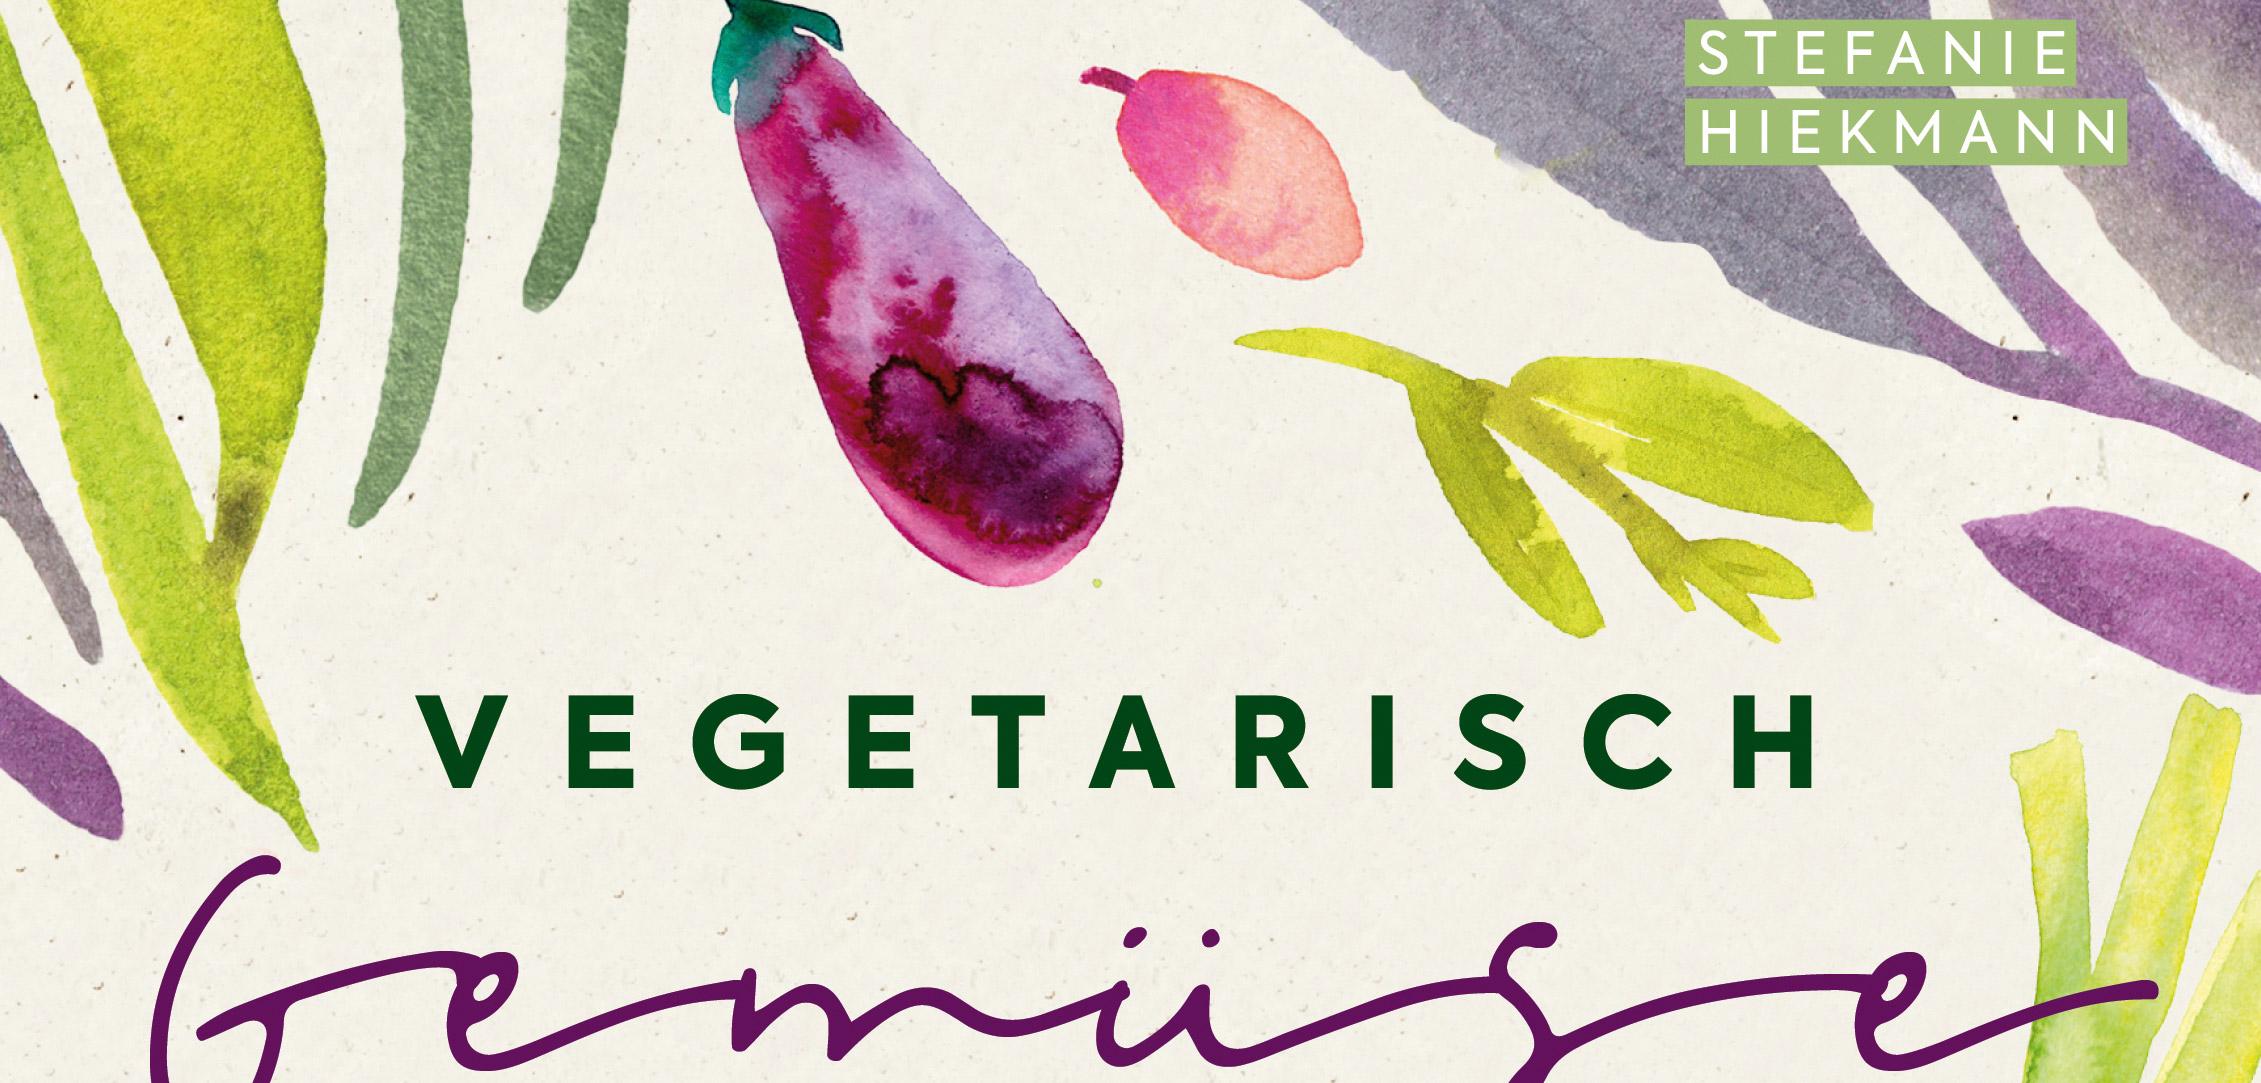 Vegetarisch Gemüse neu entdeckt!